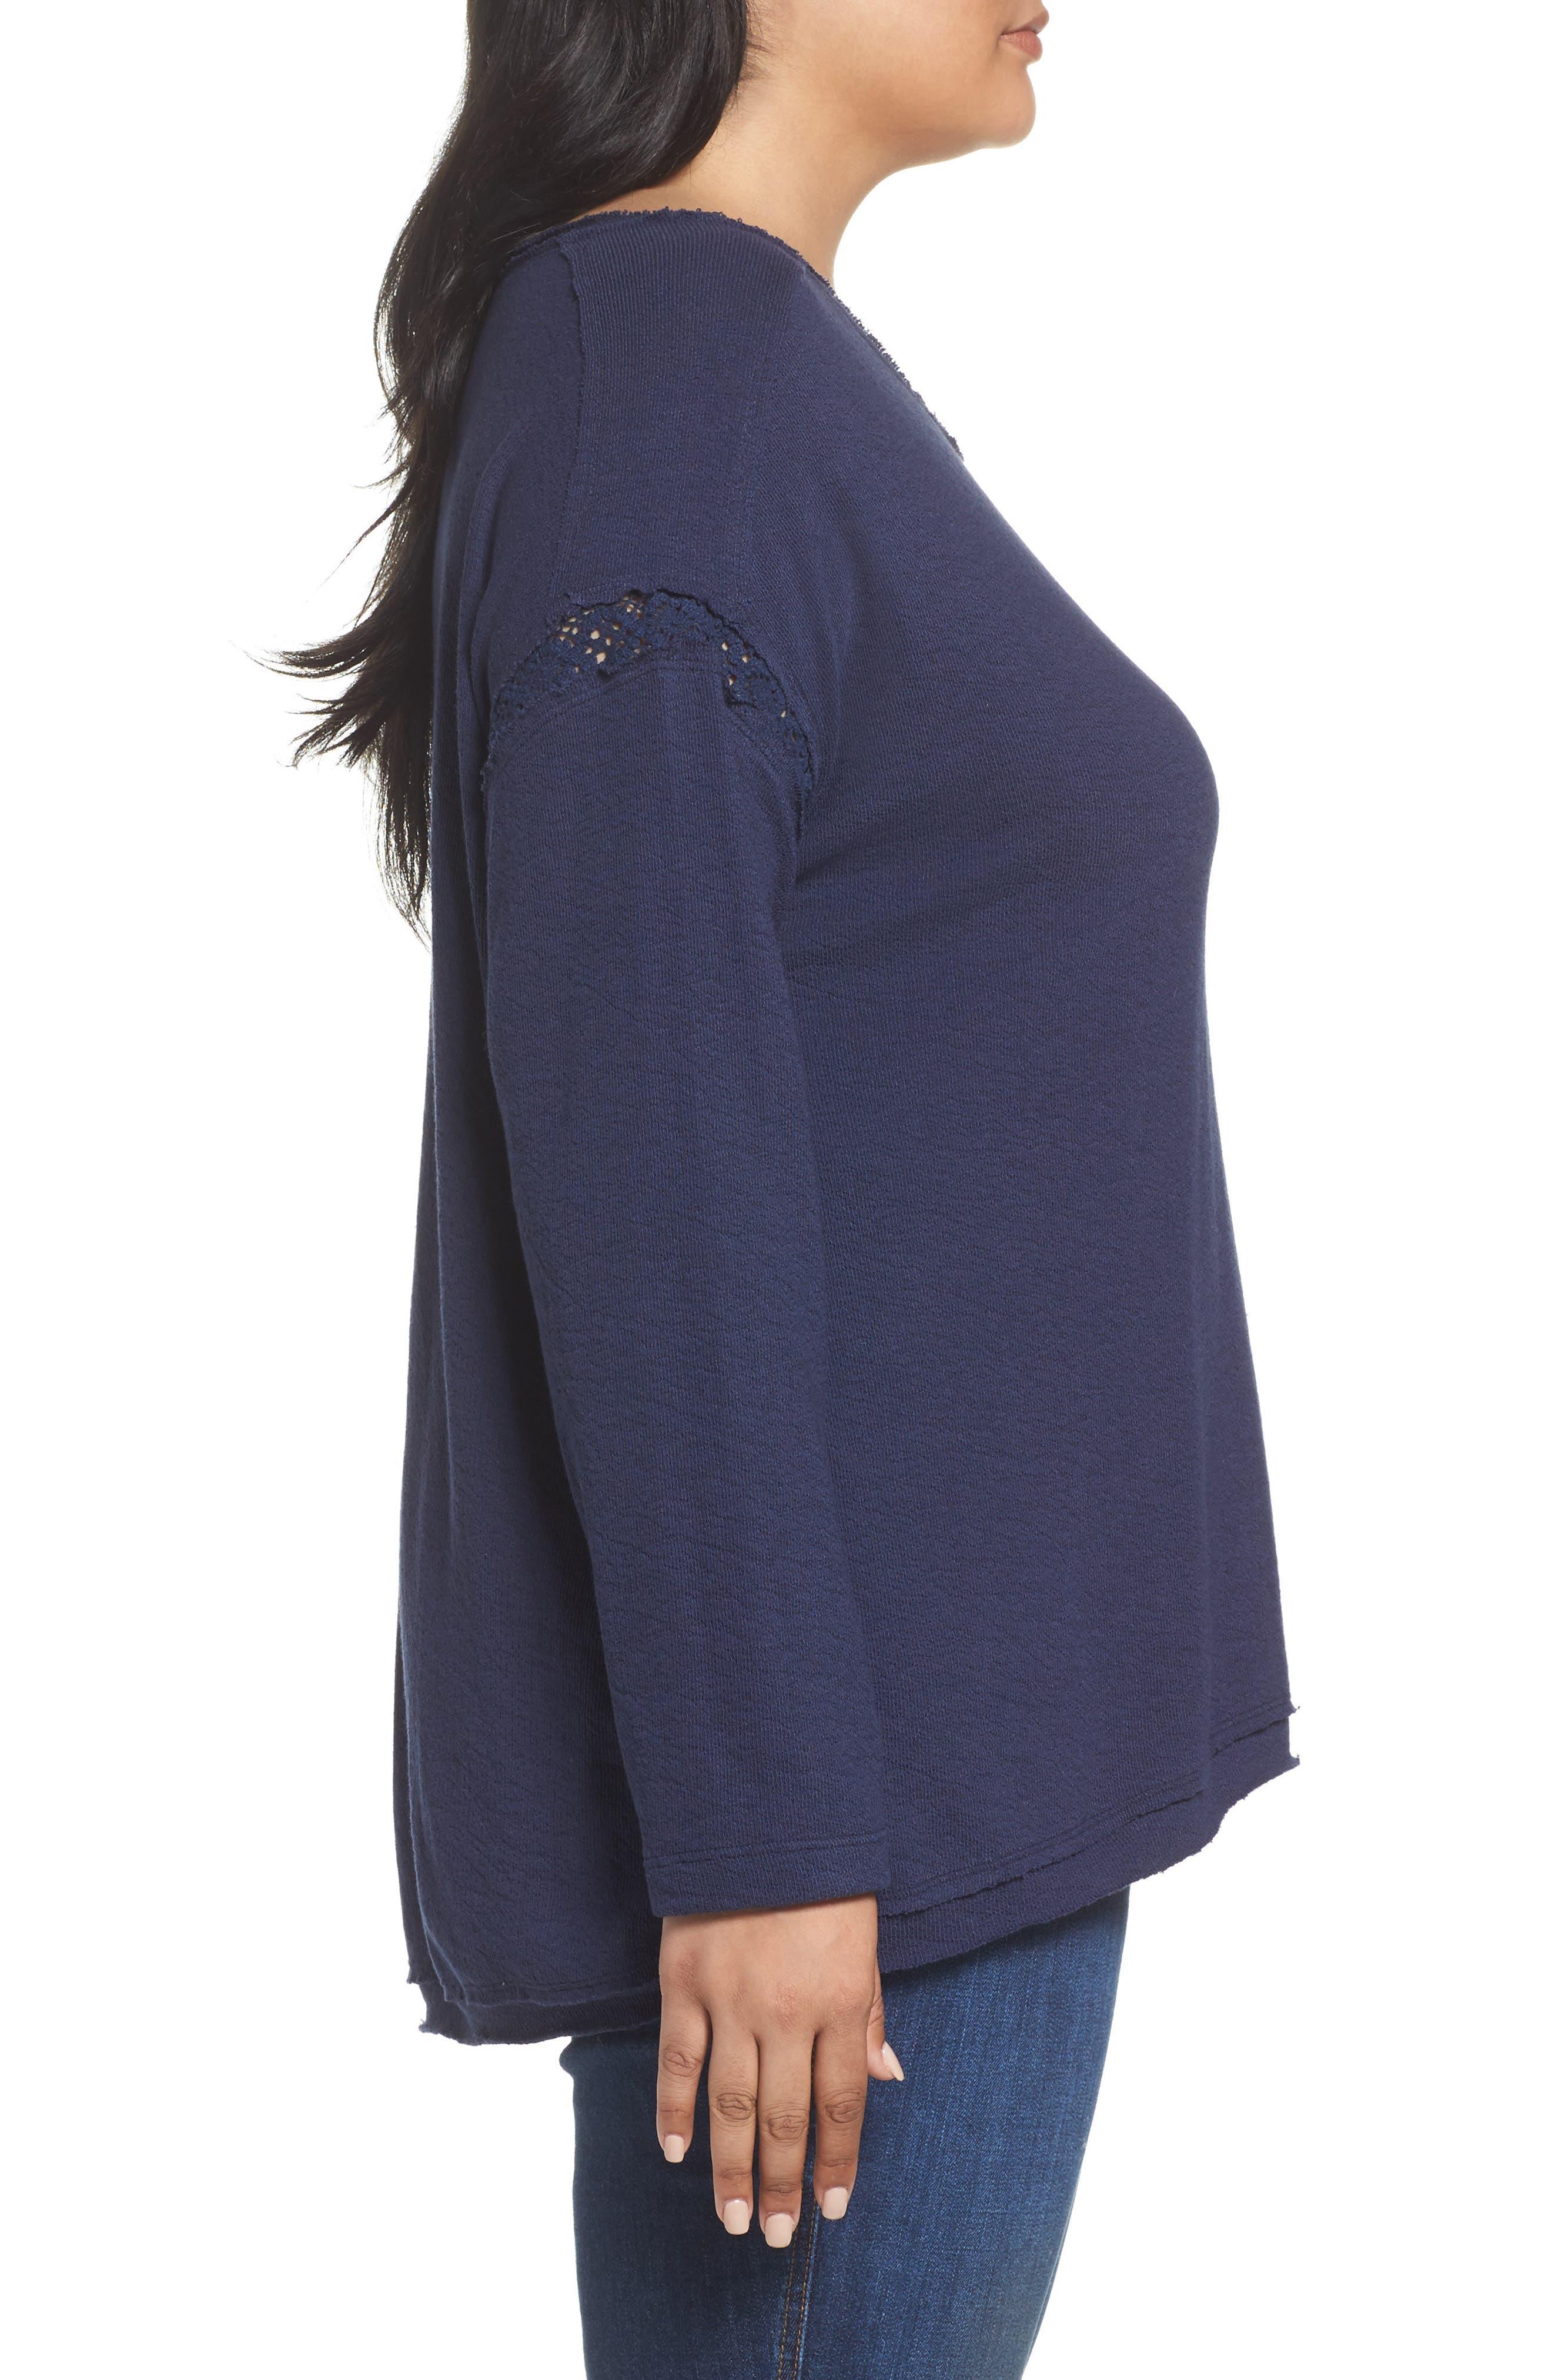 Alternate Image 3  - Caslon Lace Trim Sweatshirt (Plus Size)